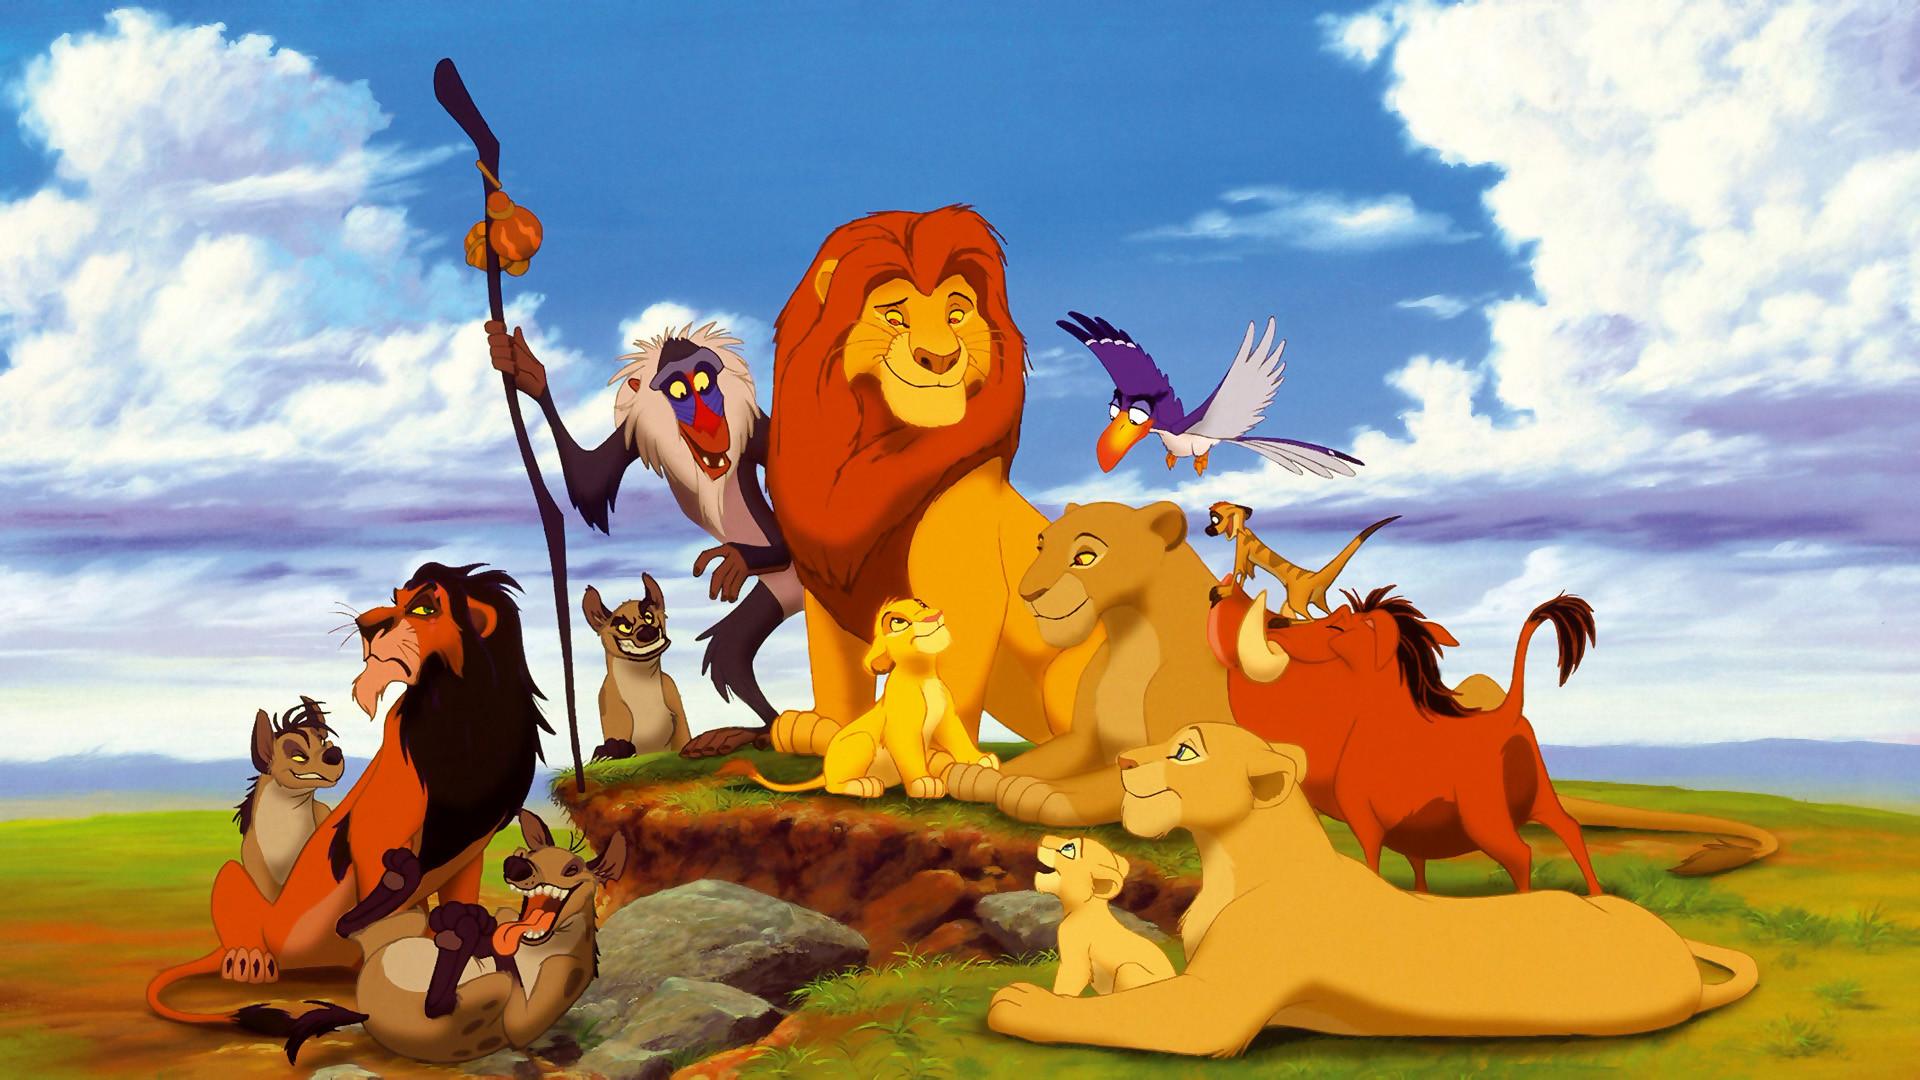 Así se ven Simba, Timón y Pumba en trailer de El Rey León